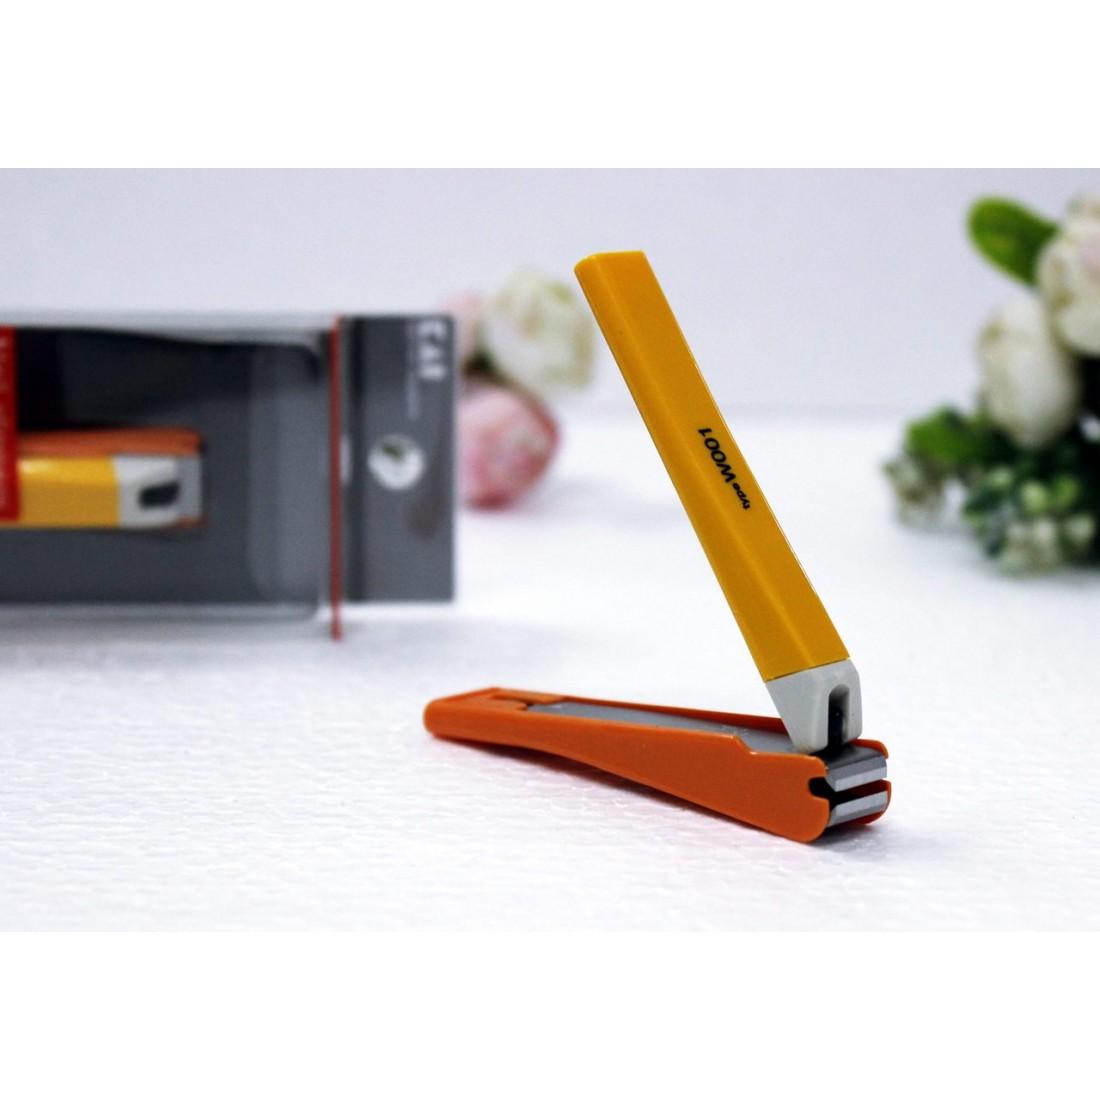 Bấm móng tay thân nhựa KAI (màu cam, cỡ trung)-Thế giới đồ gia